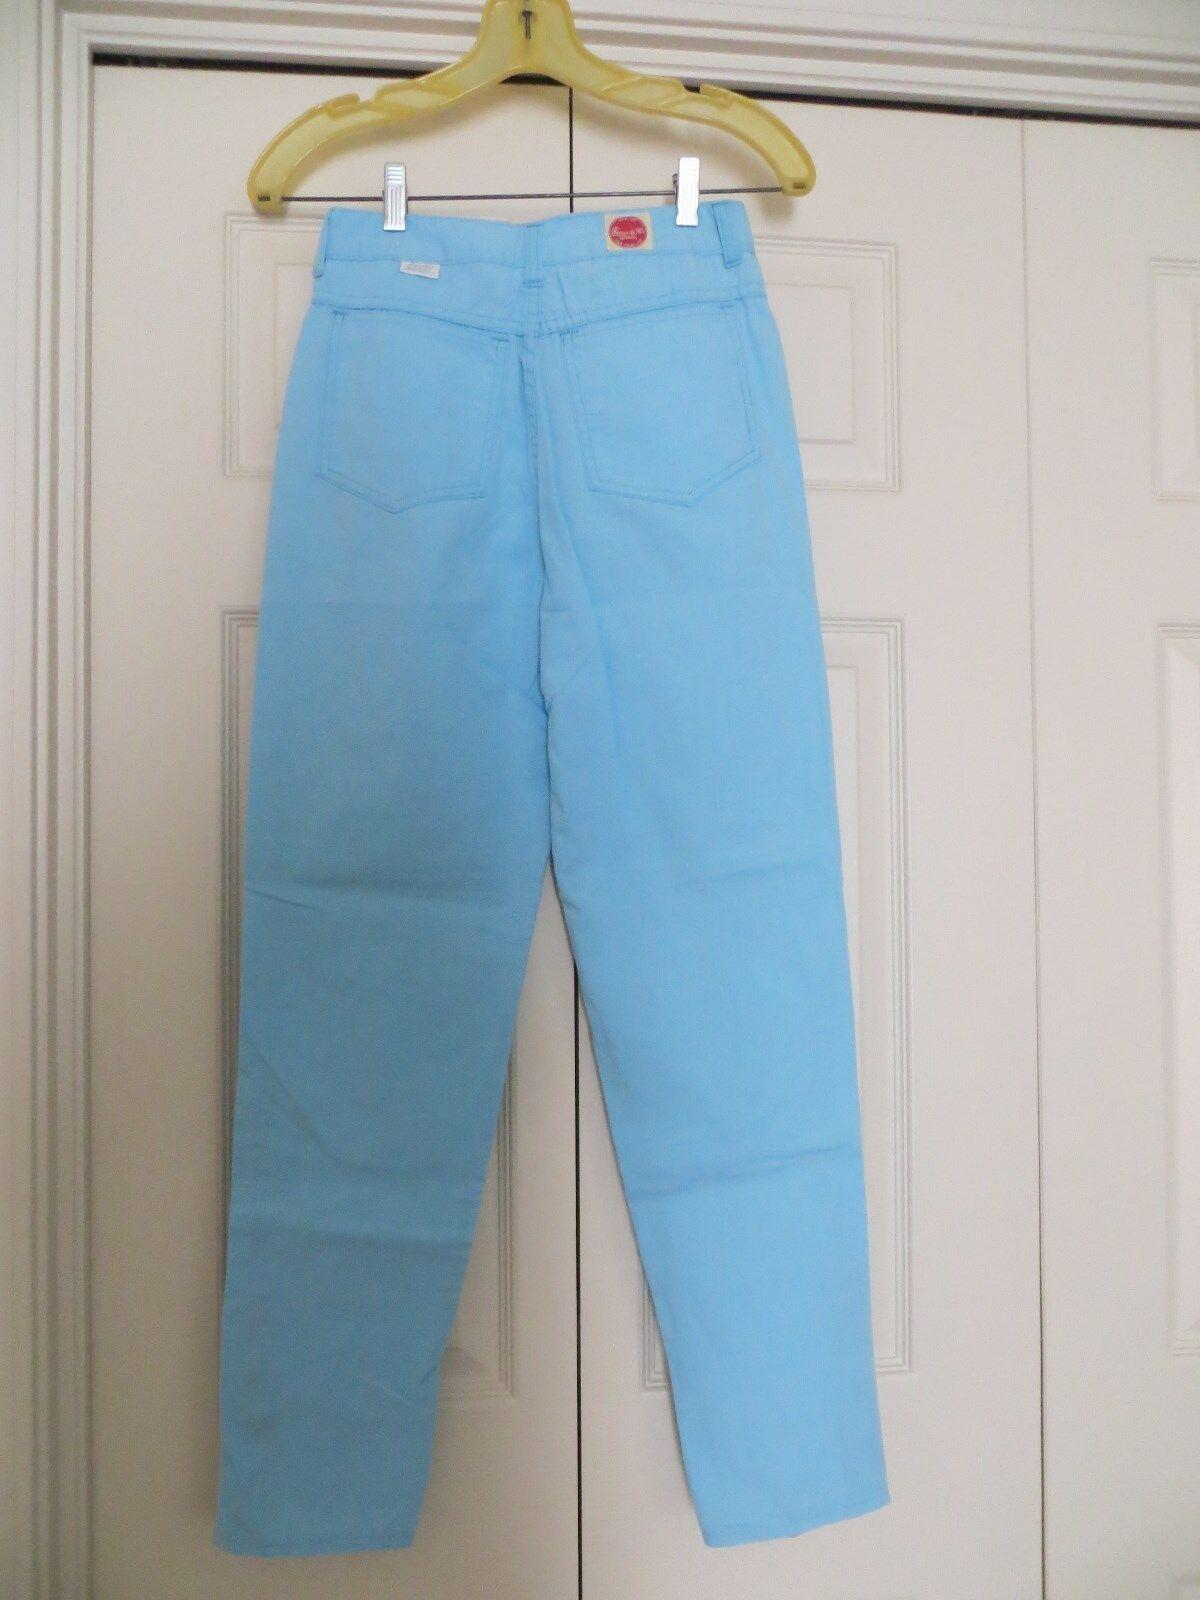 womans skinny jeans pants blue cotton 31/28 Chemi… - image 4